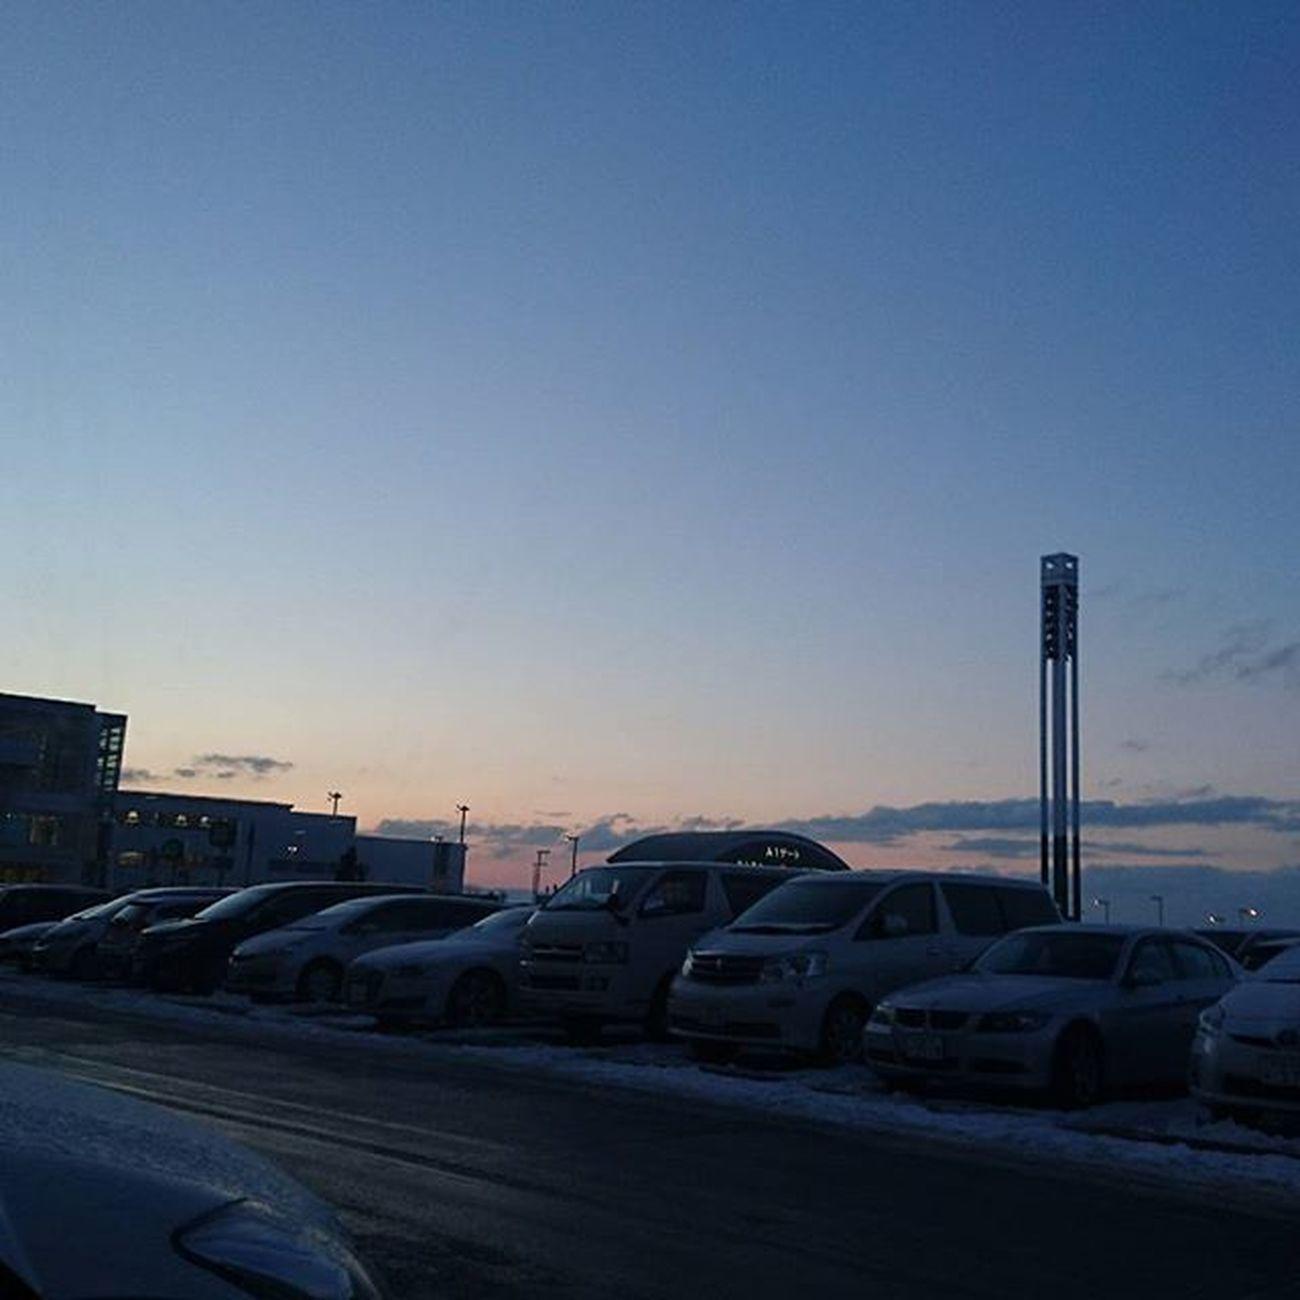 なおphoto 昨日のphotoから 空港の駐車場 中古車展示場みたい(笑)